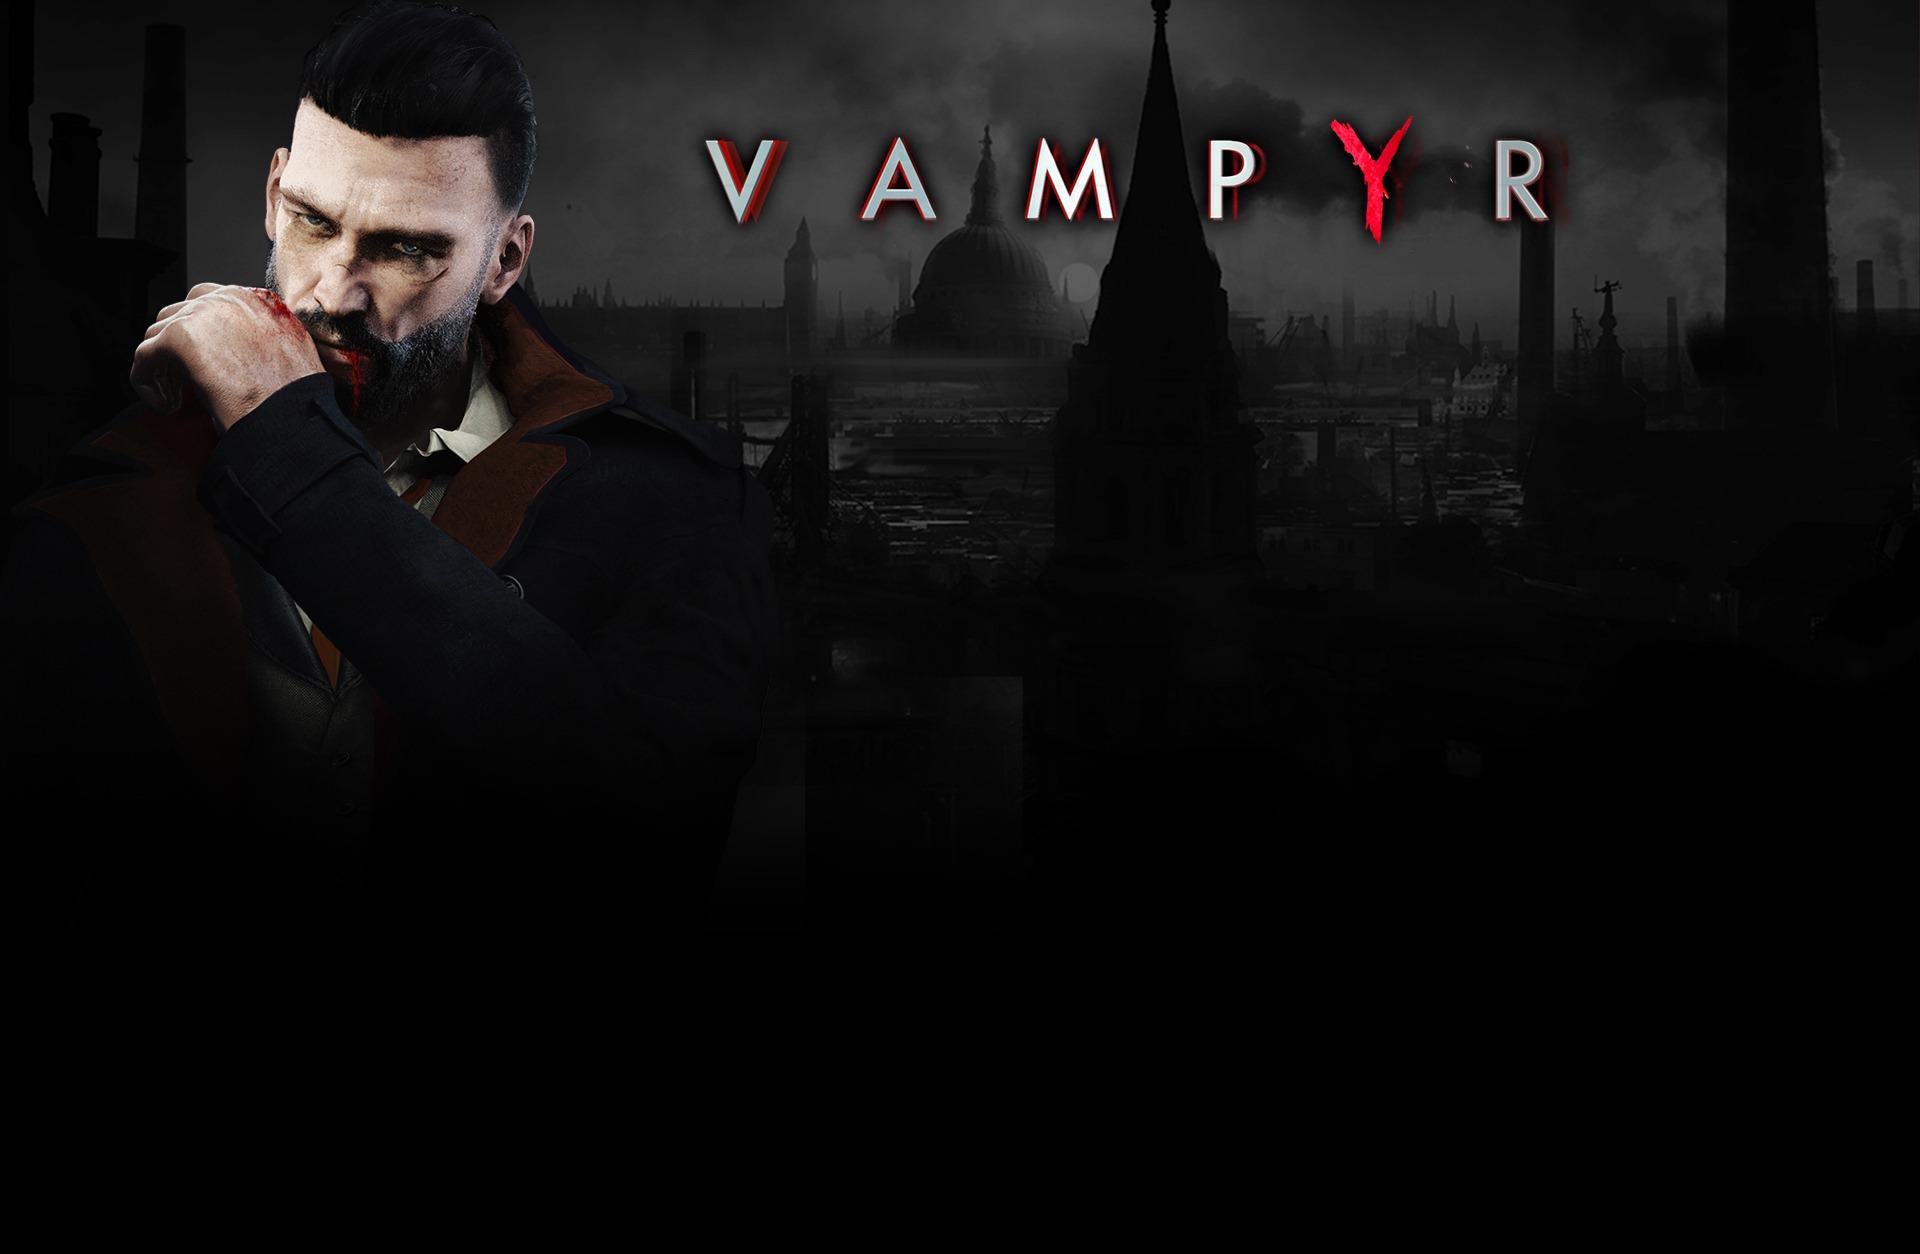 Hungering for Vampyr